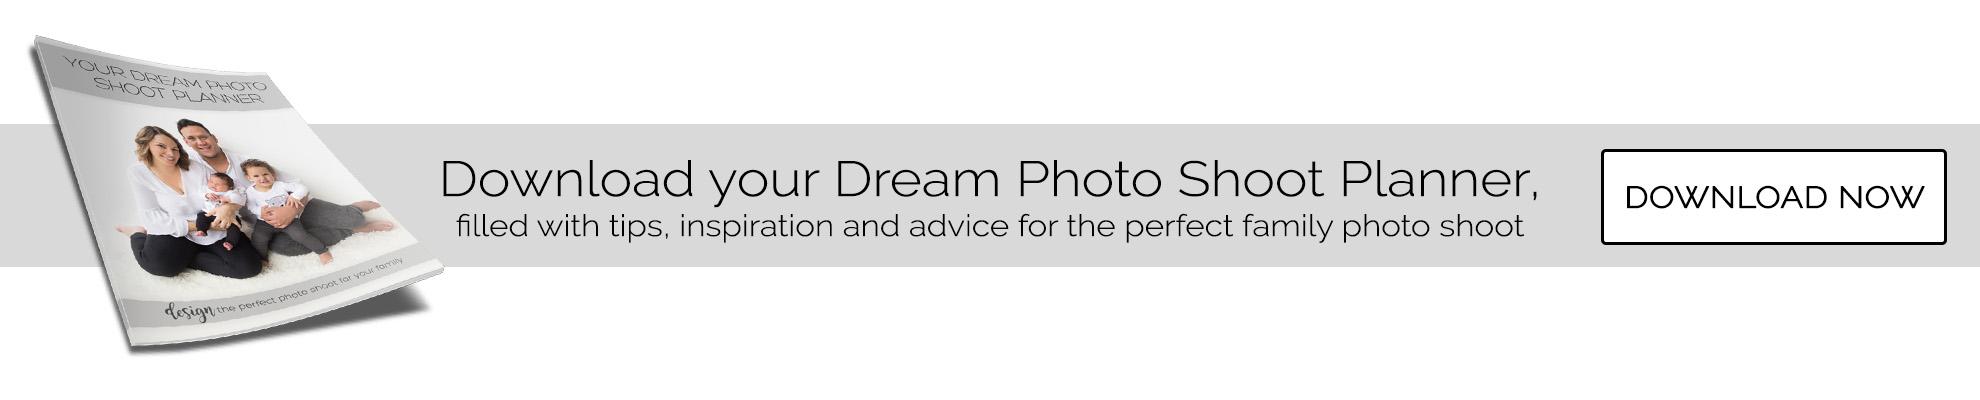 Dream-photo-shoot-planner-family-banner.jpg